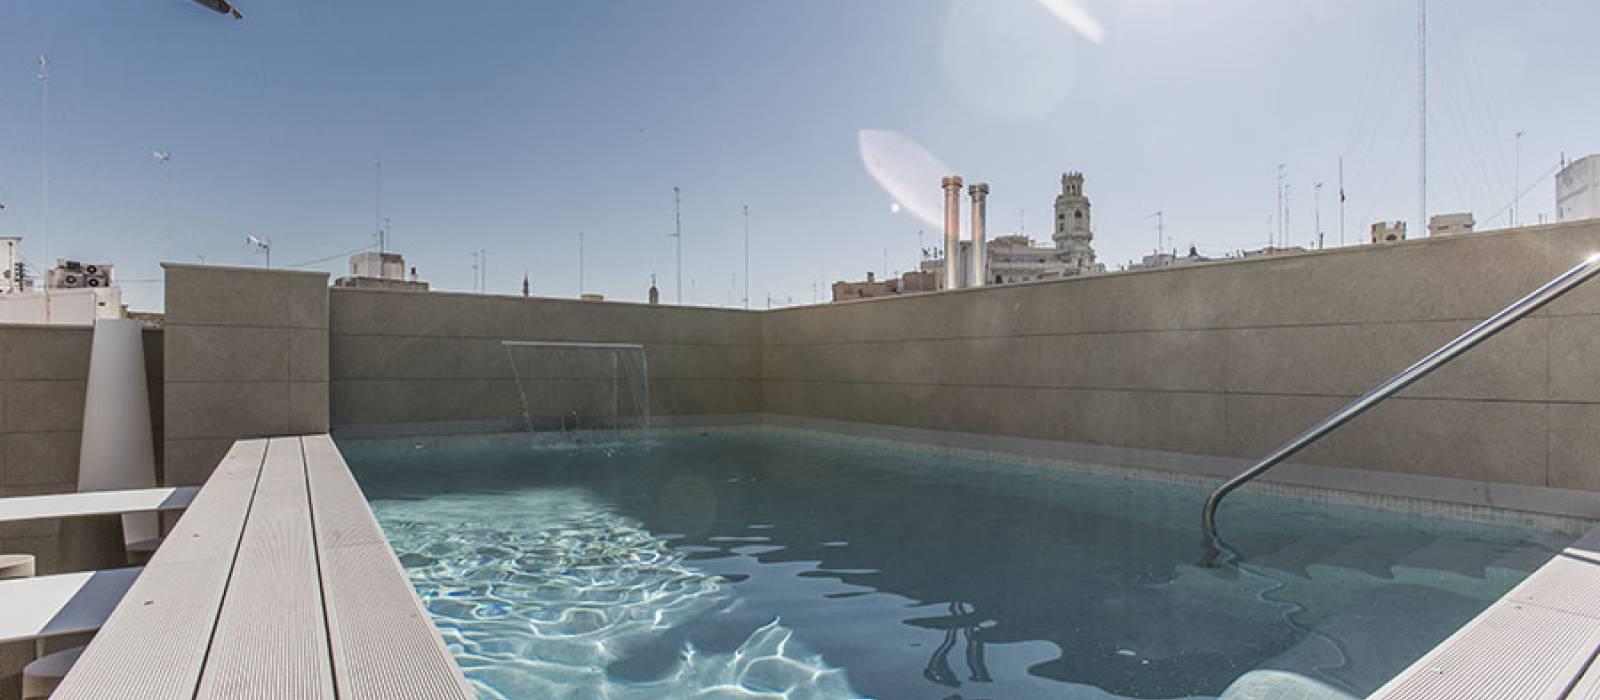 Ofertas Hotel Vincci Valencia Mercat - Anticípate y ahorra! -10%